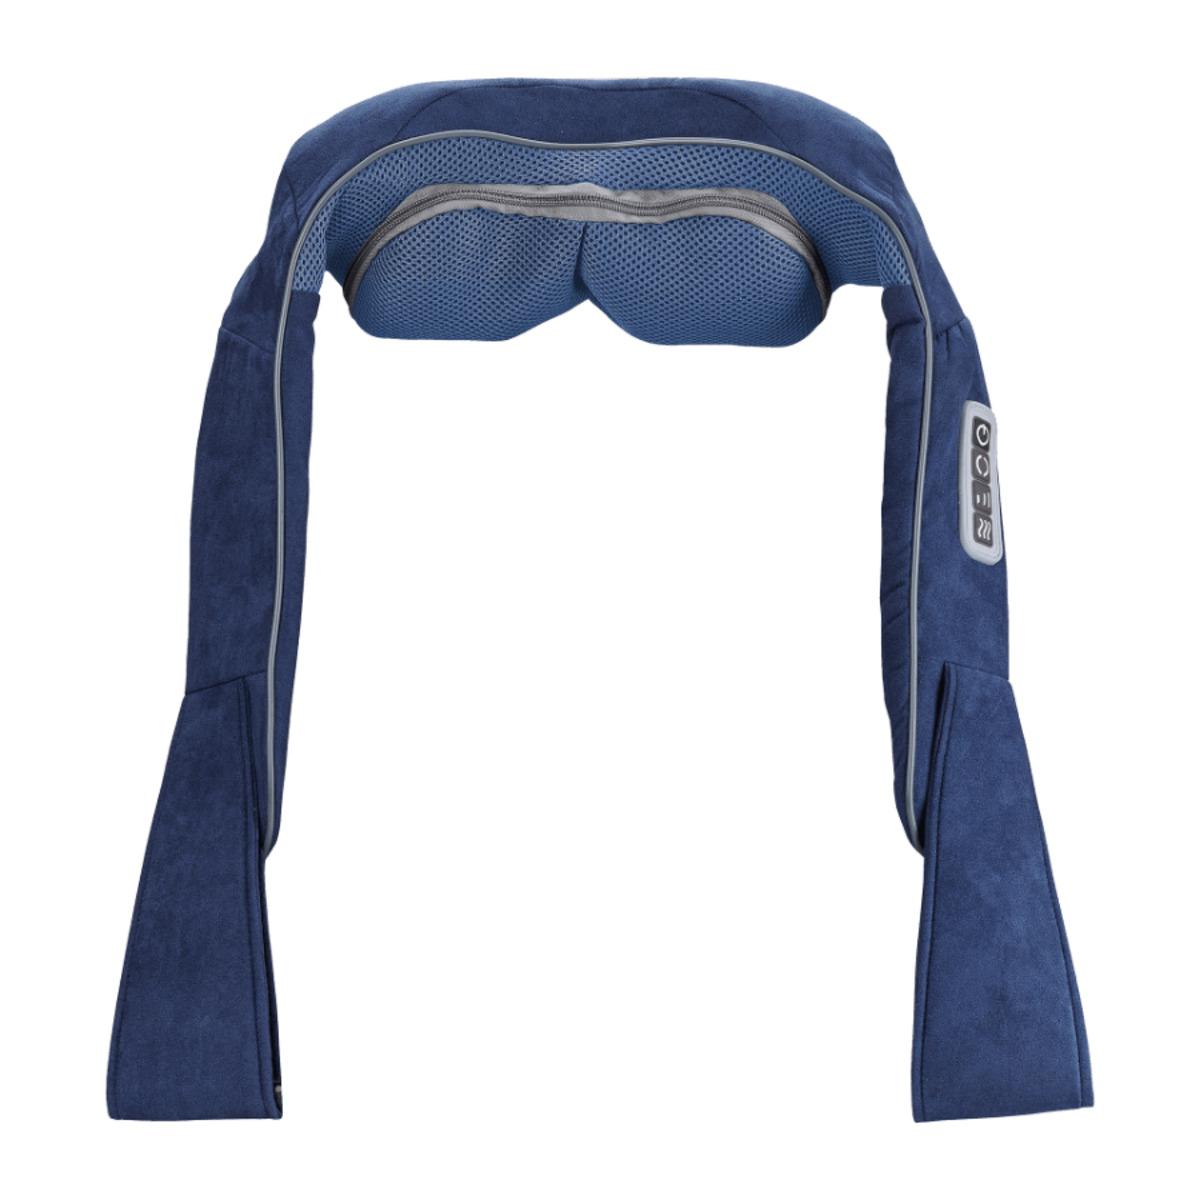 Bild 1 von QUIGG     Shiatsu-Massagegerät